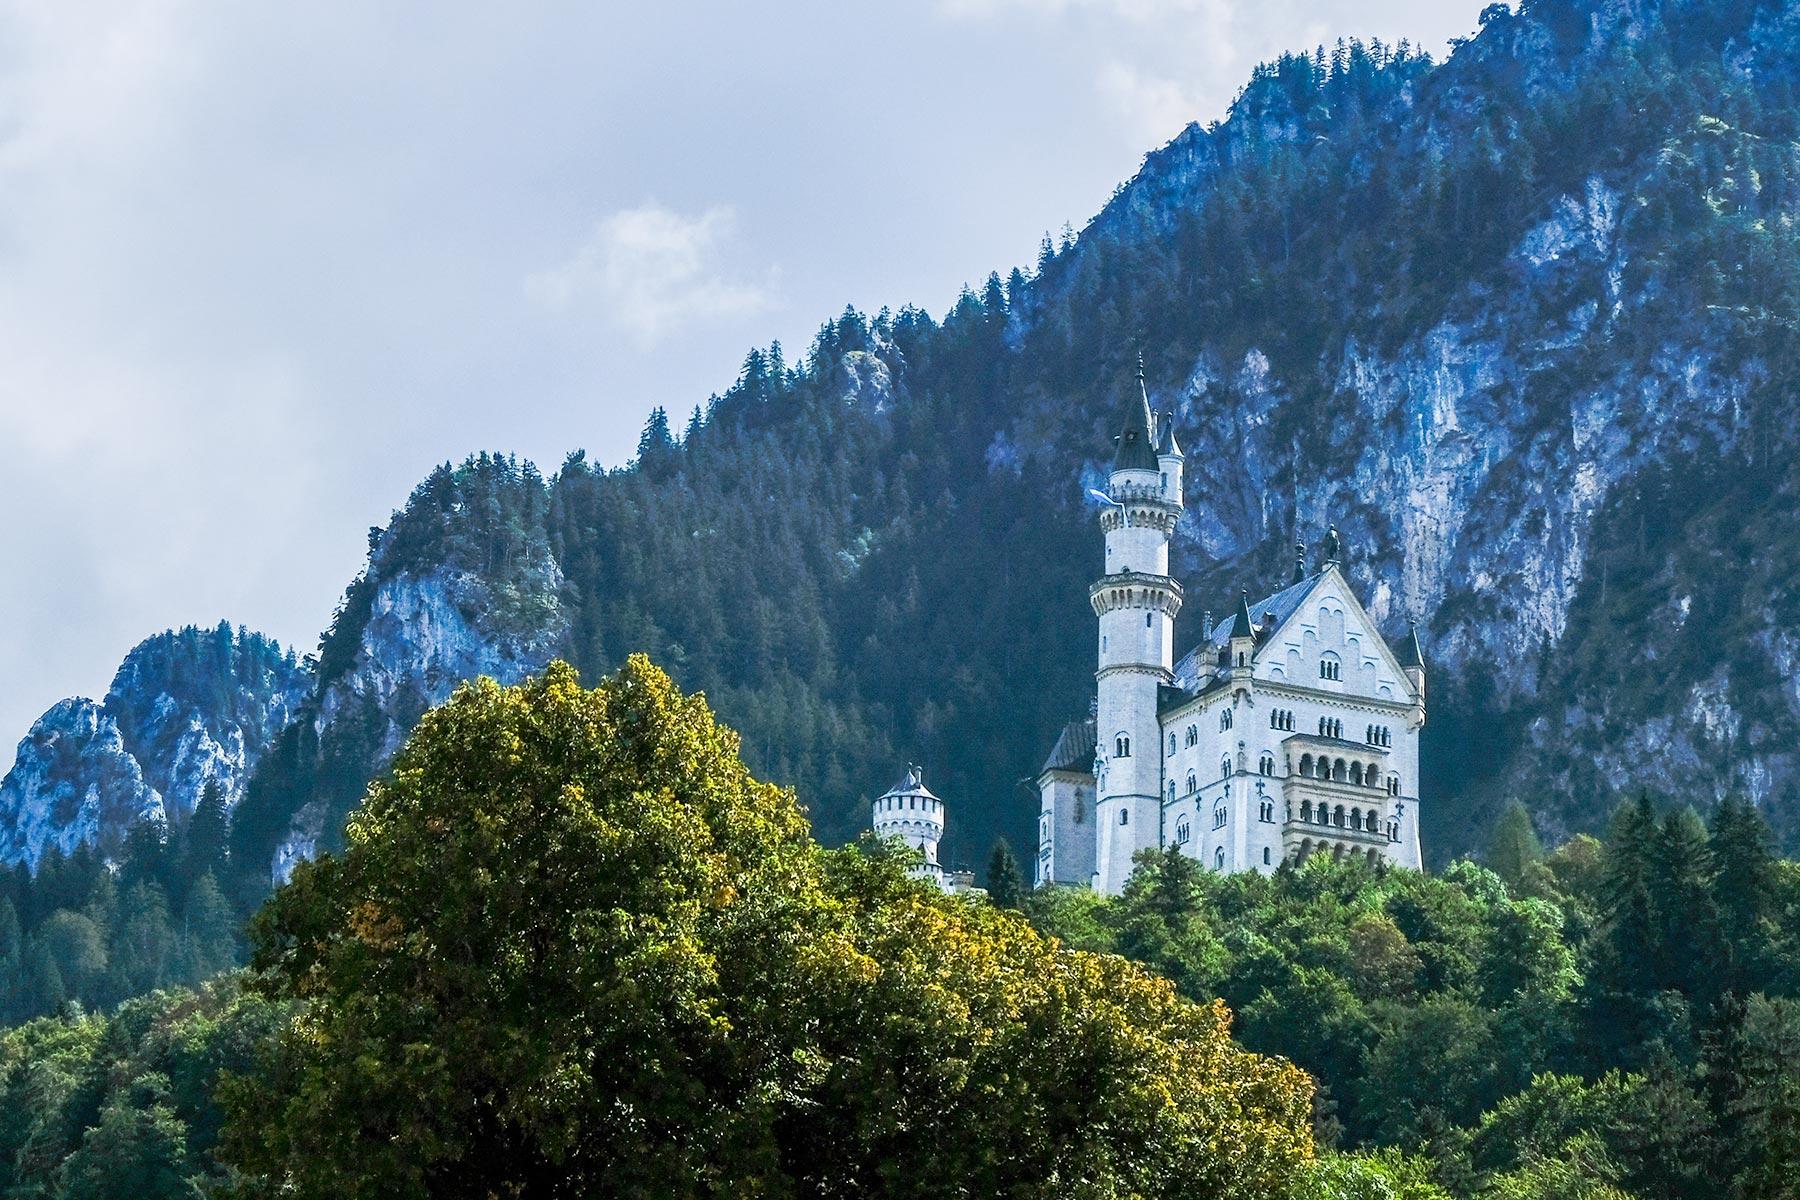 HDR Aufnahme des Schloss Neuschwanstein vom Besucherparkplatz